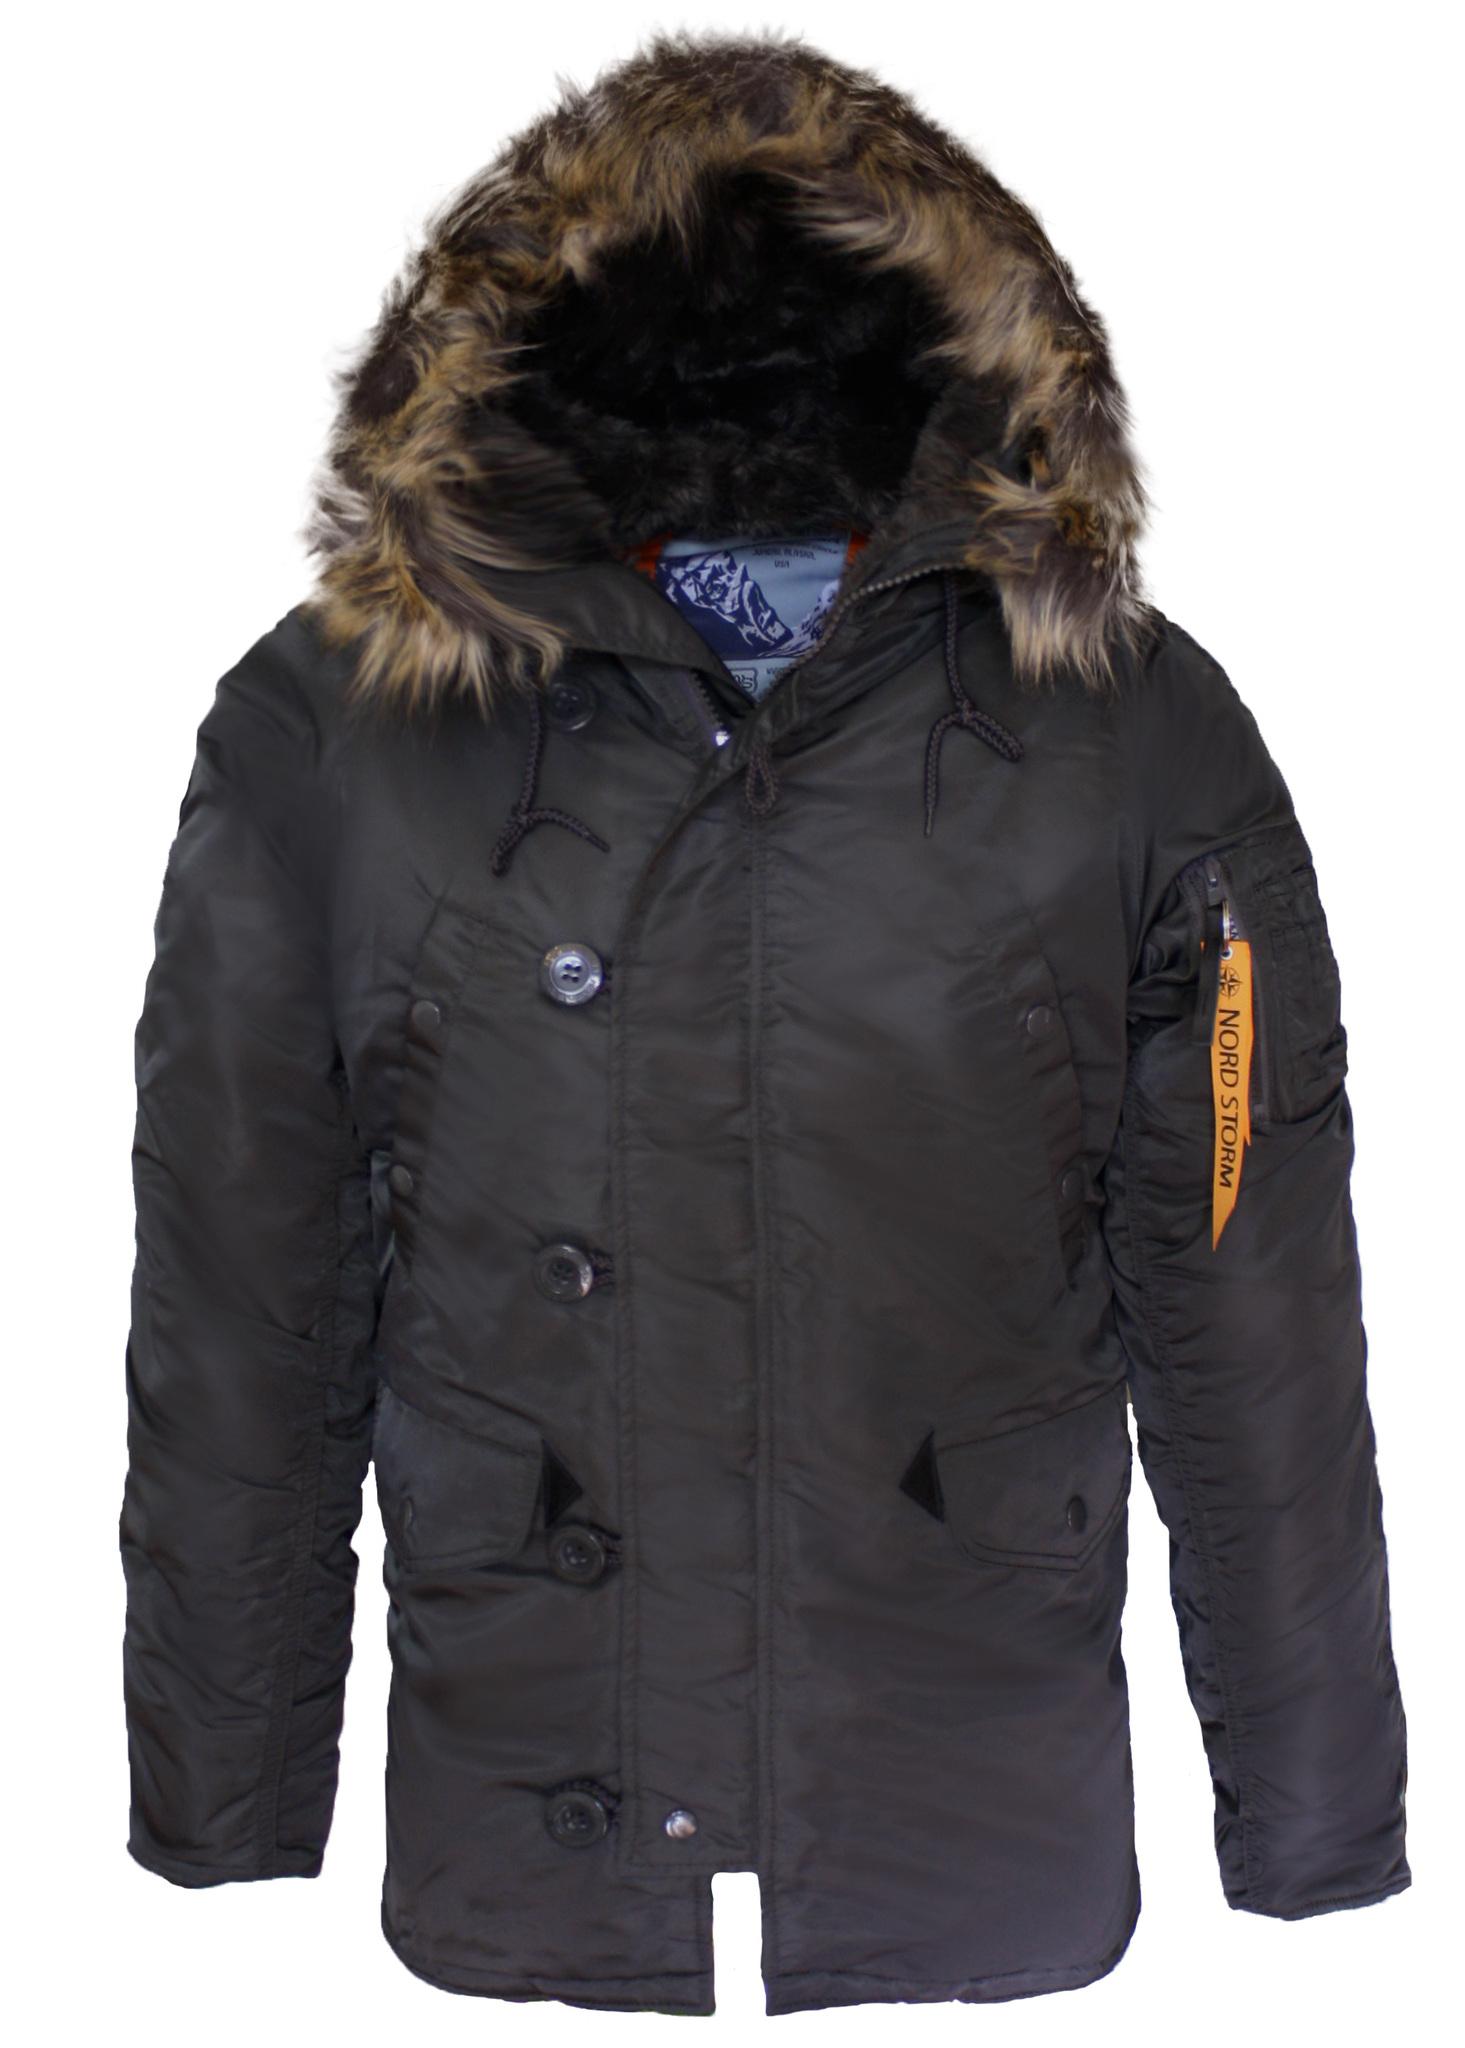 Куртка Аляска  Nord Storm N-3B Husky (т. серая - beluga/orange)